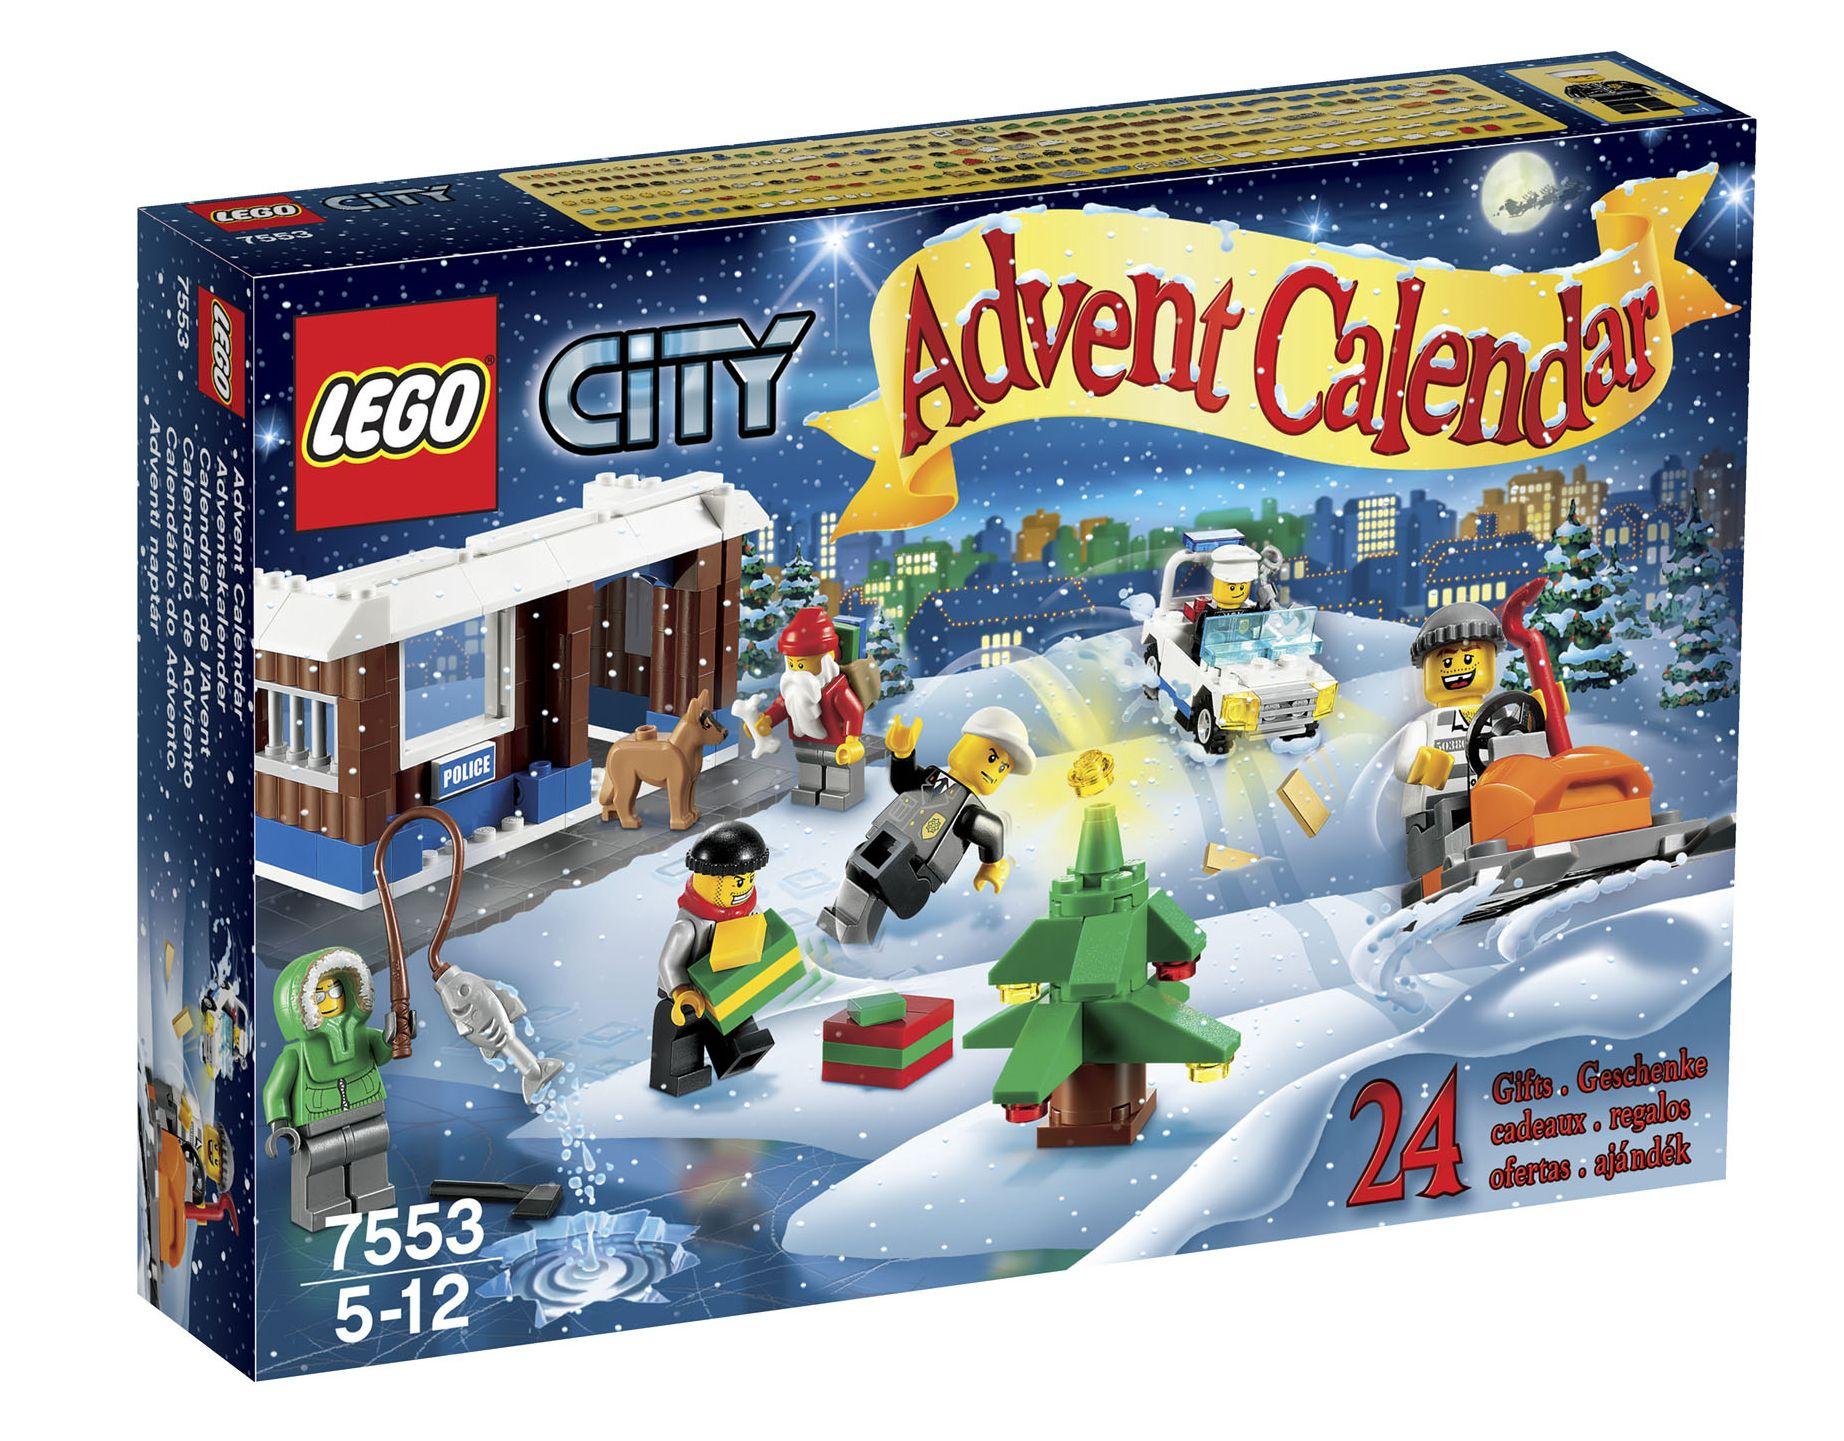 Advent Calendar Ideas Lego : Lego city advent calendar i brick